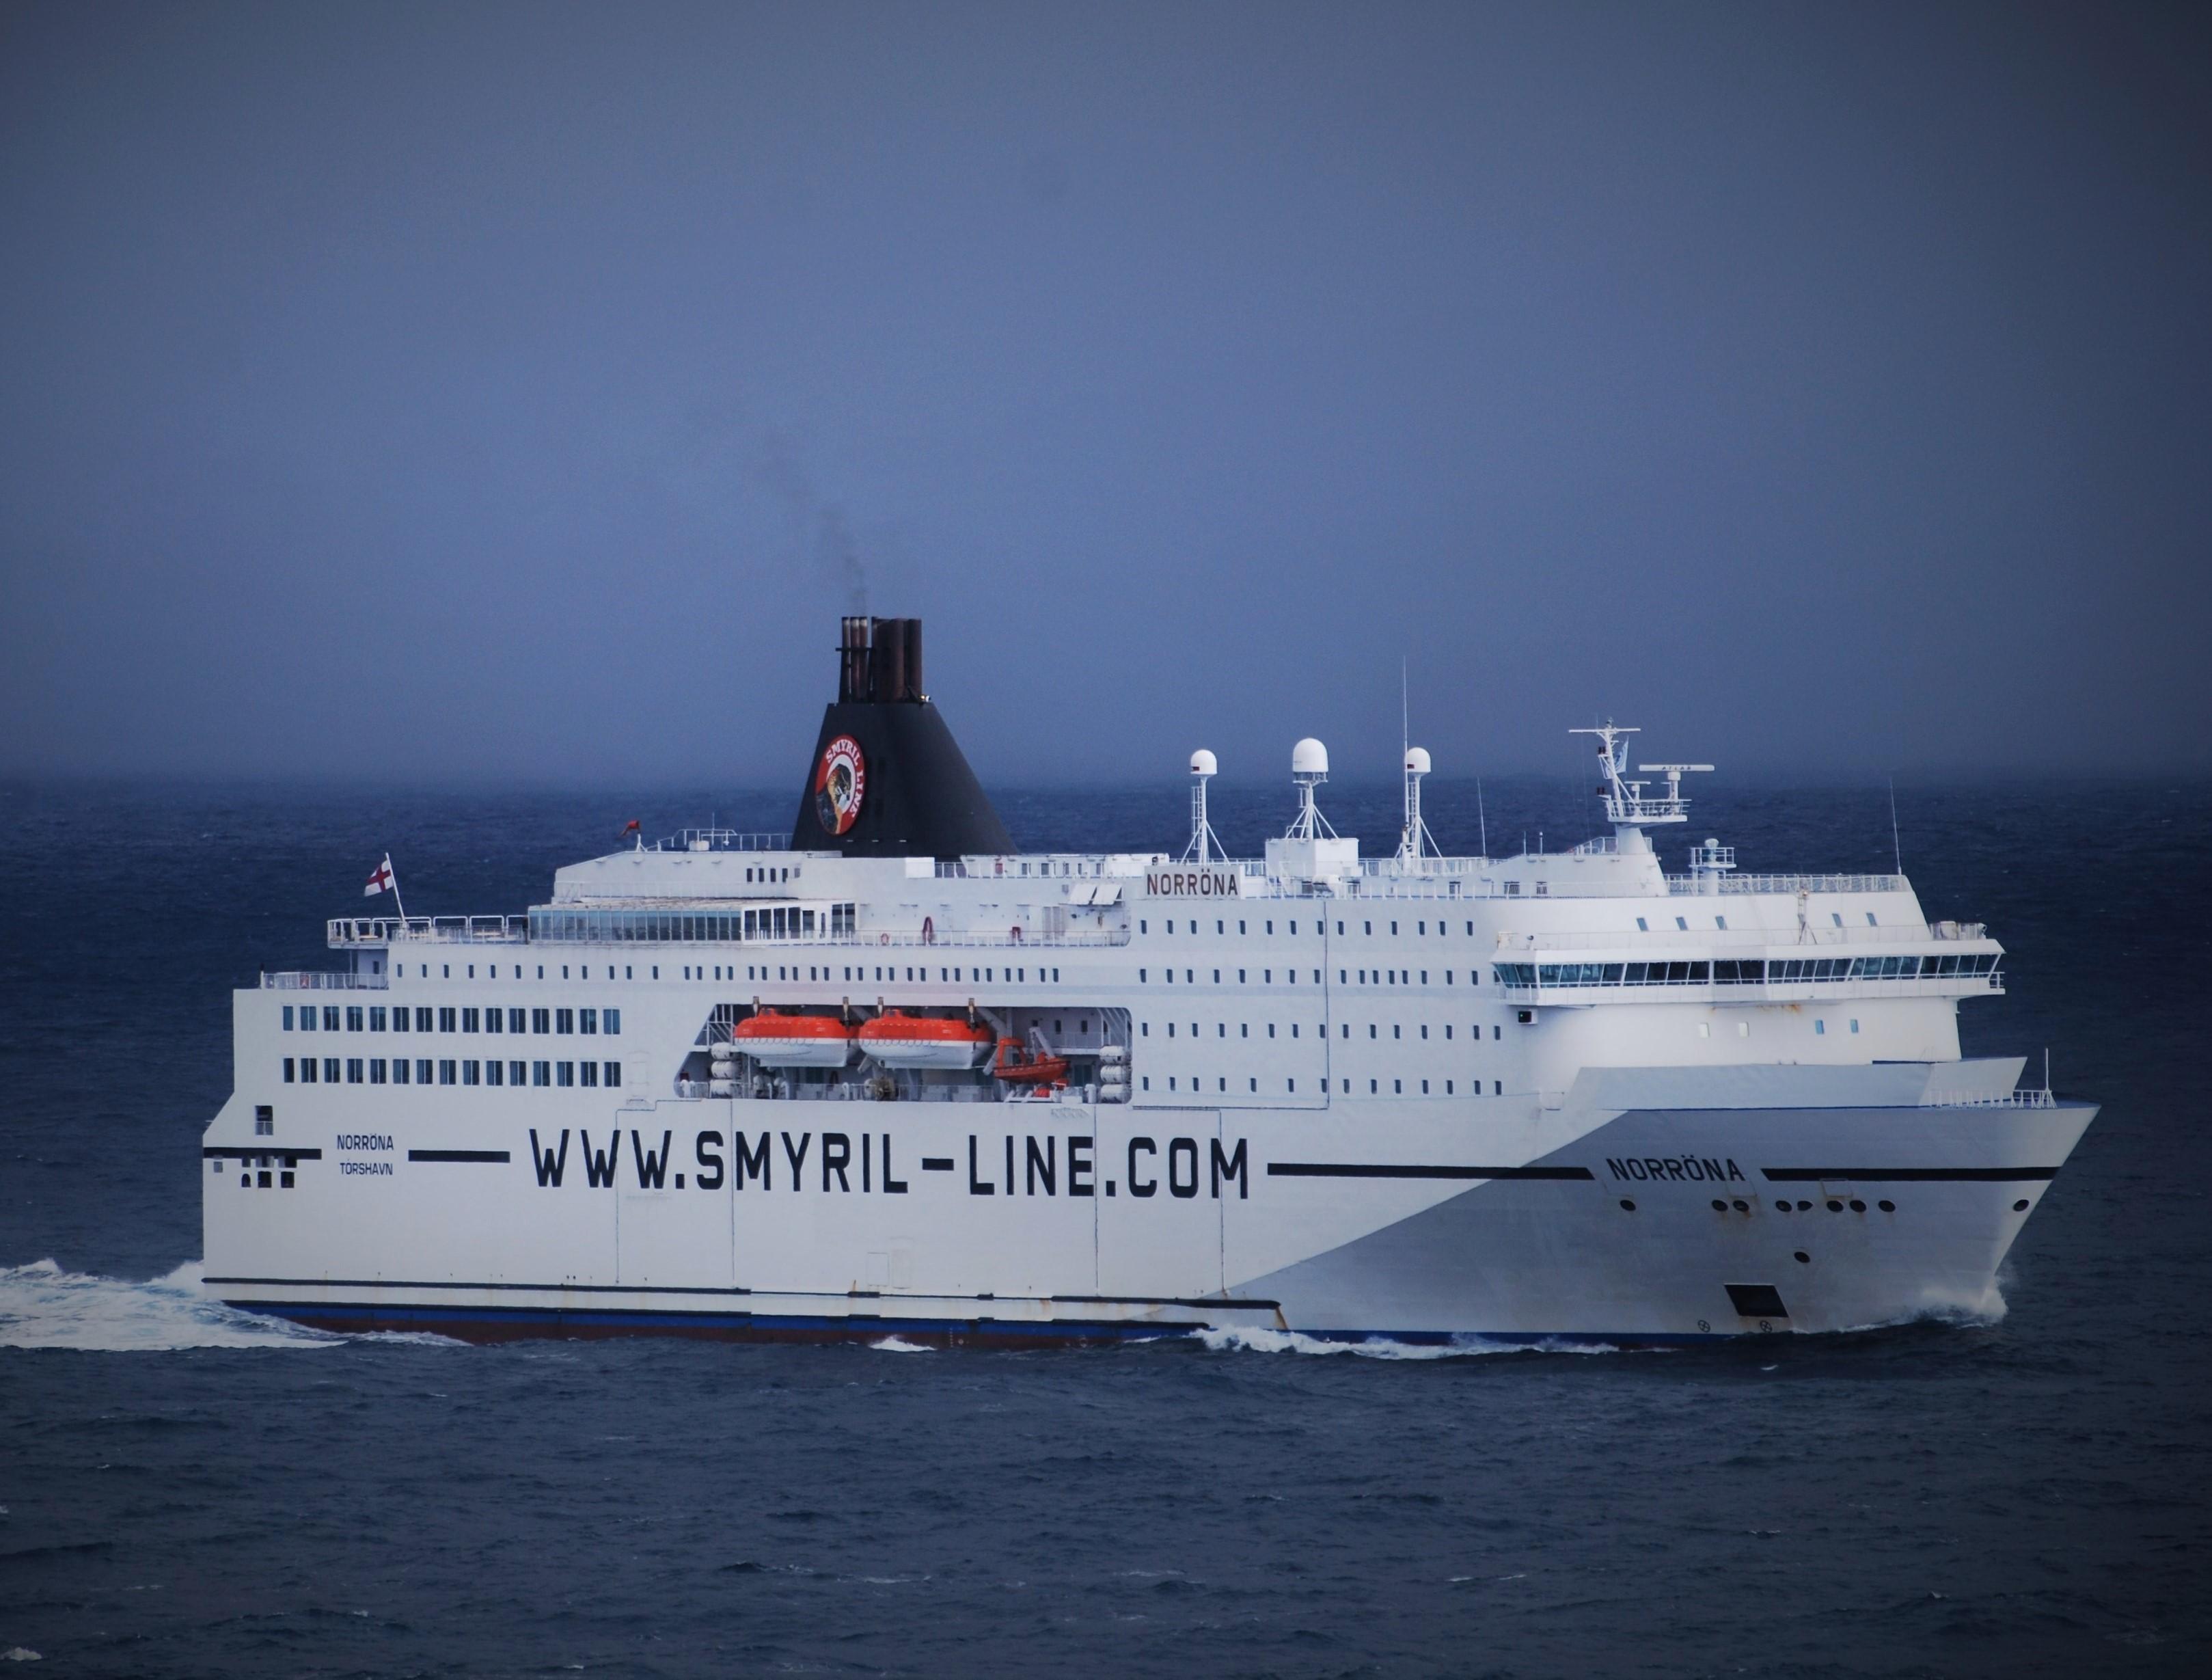 Mit der Crime Cruise geht es für krimi-begeisterte Kreuzfahrtfans mit der MS Norröna der dänischen Smyril Line vom 2. bis zum 9. November auf See